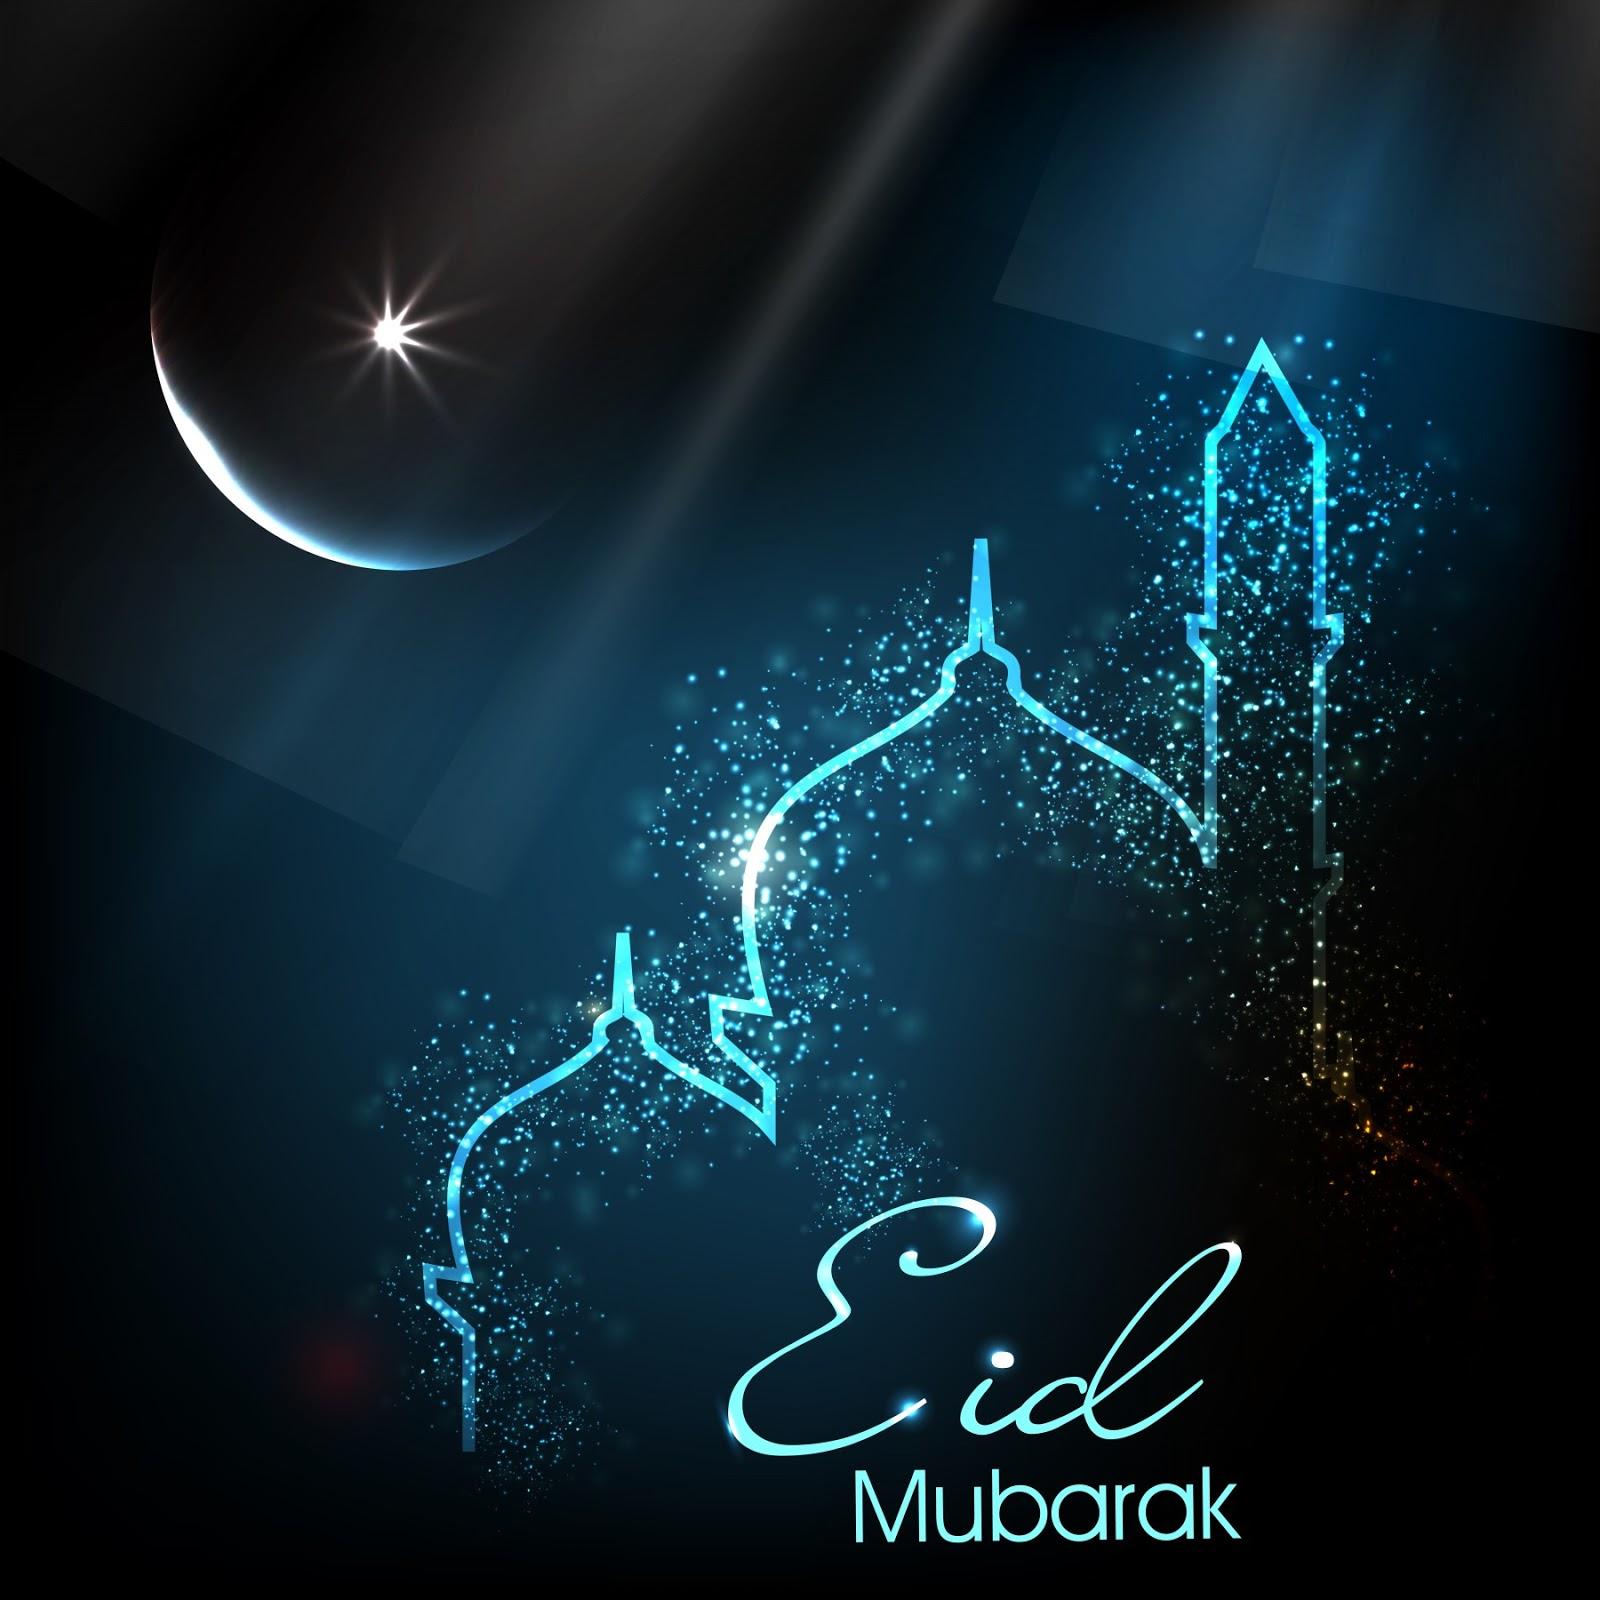 9 hd wallpapers of eid mubarak 2017 happy eid ul for Wallpaper ideas 2016